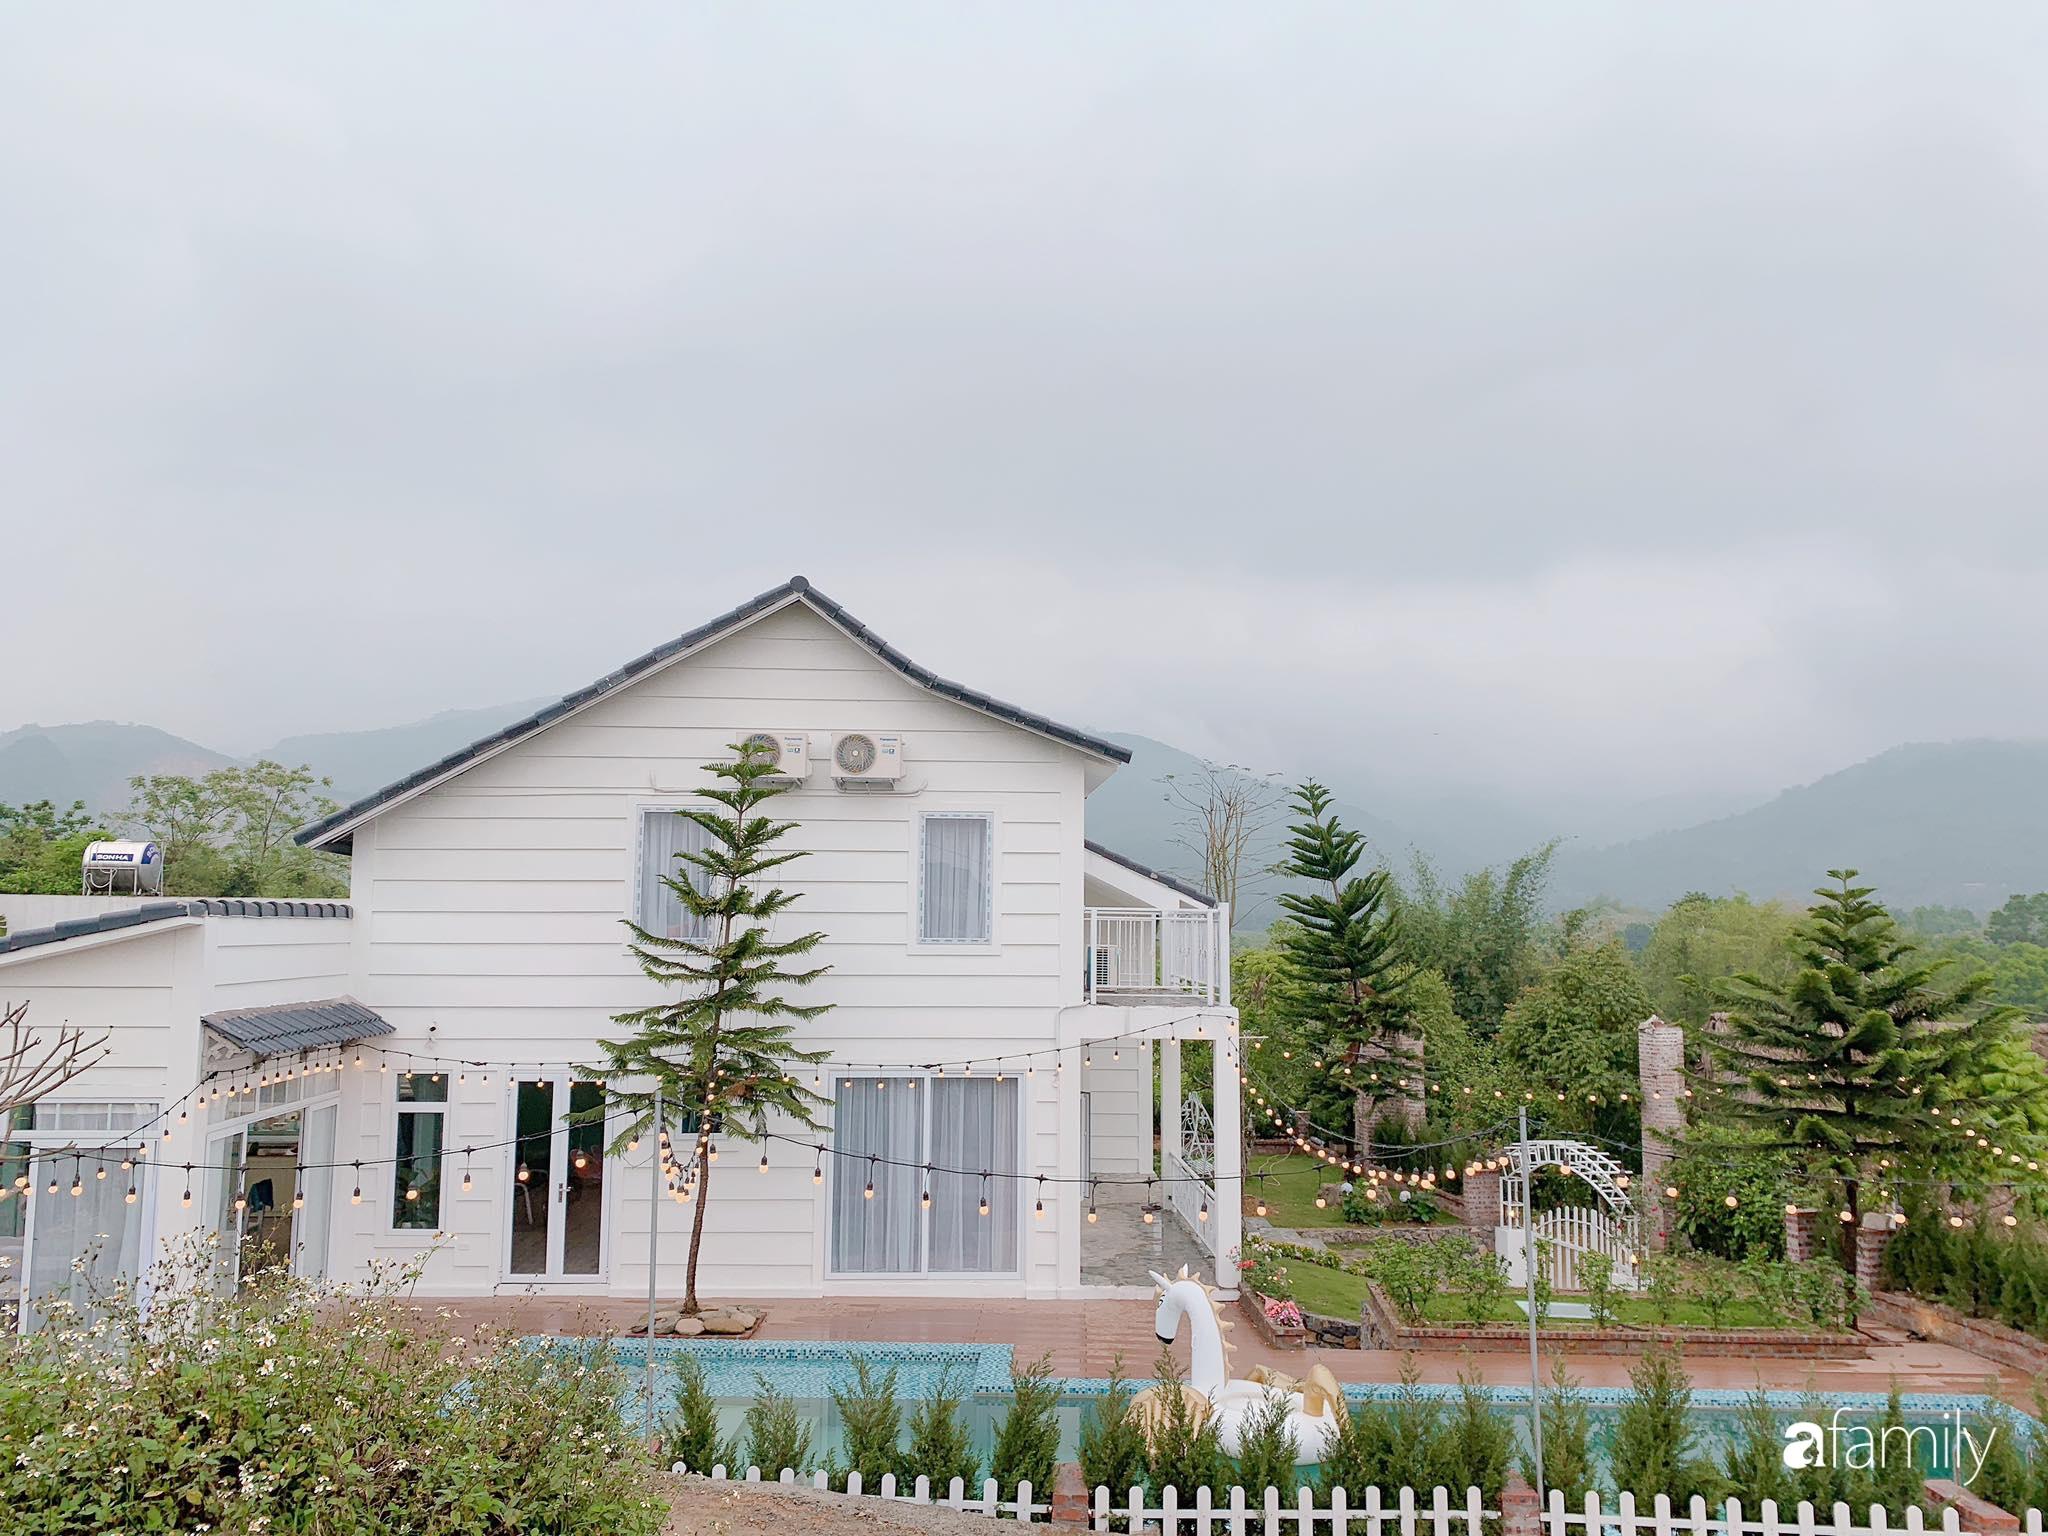 Biệt thự 1000m² tọa lạc trên đồi đẹp yên bình với ngoại thất sân vườn rực rỡ sắc màu hoa lá ở Hòa Bình - Ảnh 2.